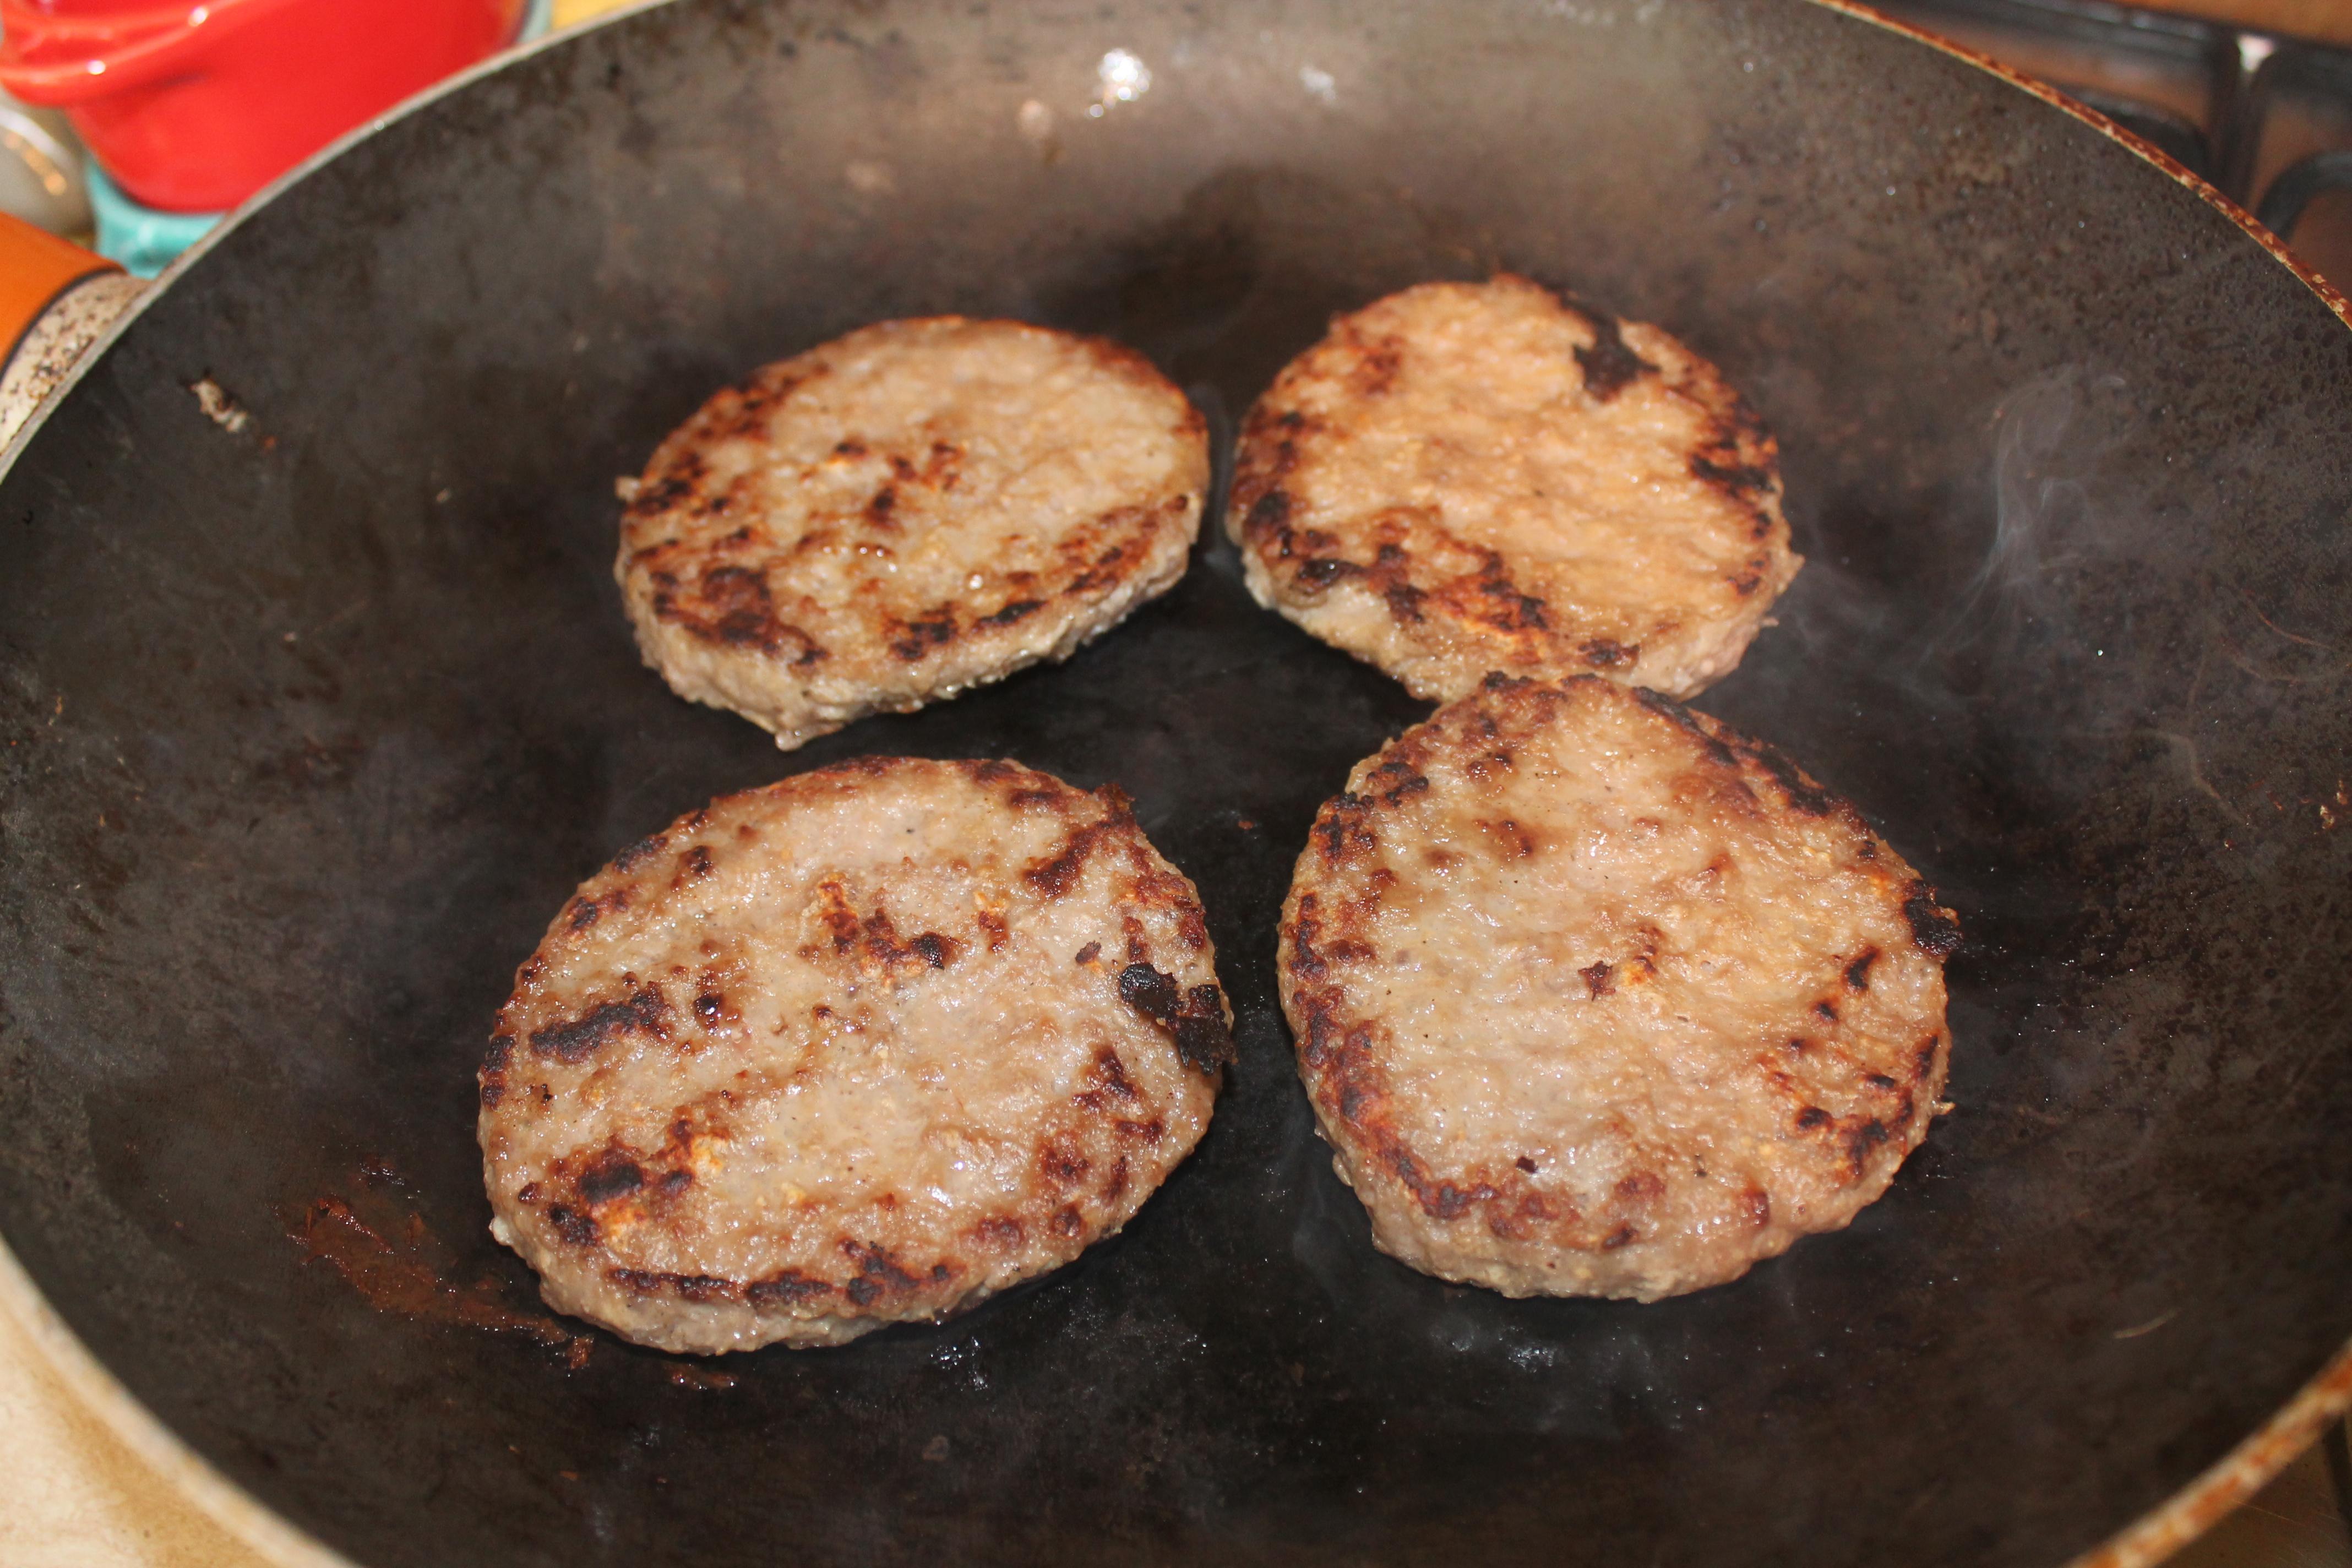 cuocere gli hamburger in una padella rovente senza condimenti appena saranno cotti abbassare al minimo la fiamma e ammassarli su un lato per tenerli in